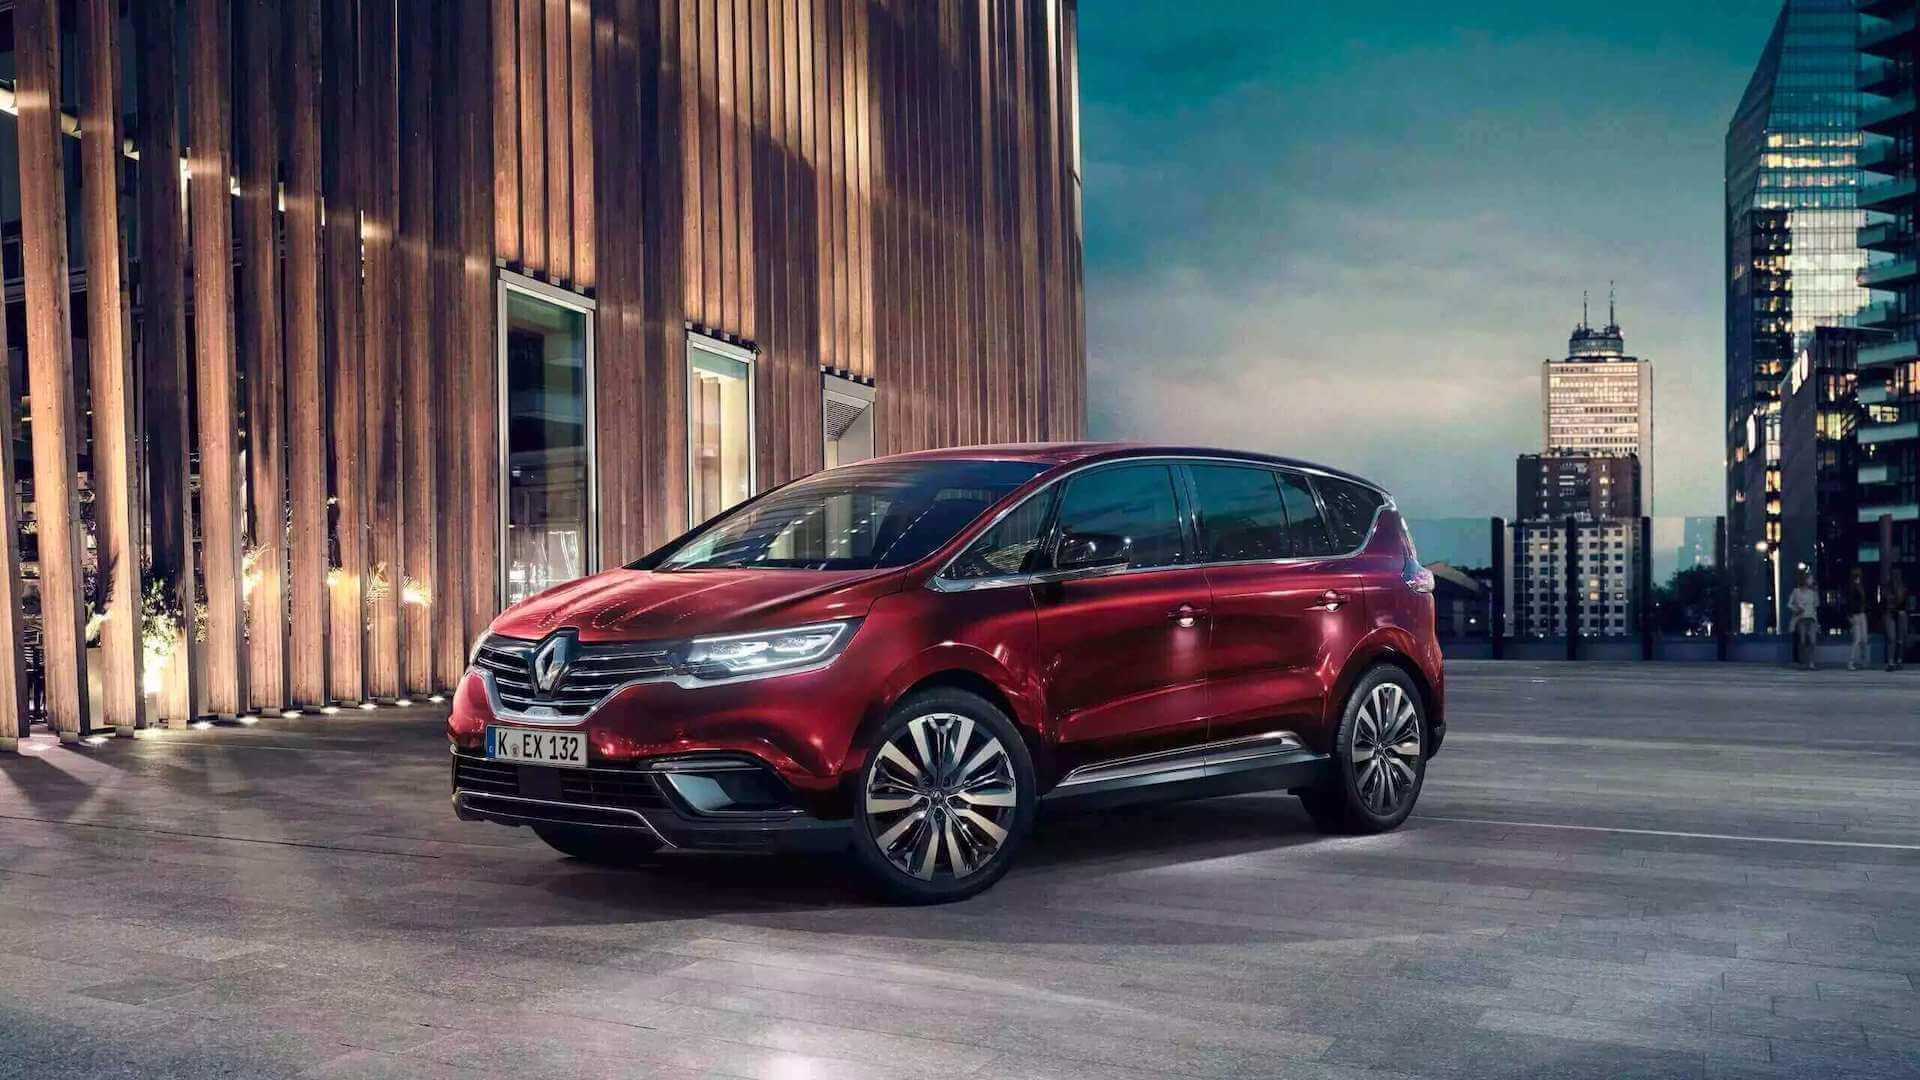 Seitenansicht vom roten Auto - Auto steht auf einem großen Platz - Renault Espace - Renault Ahrens Hannover